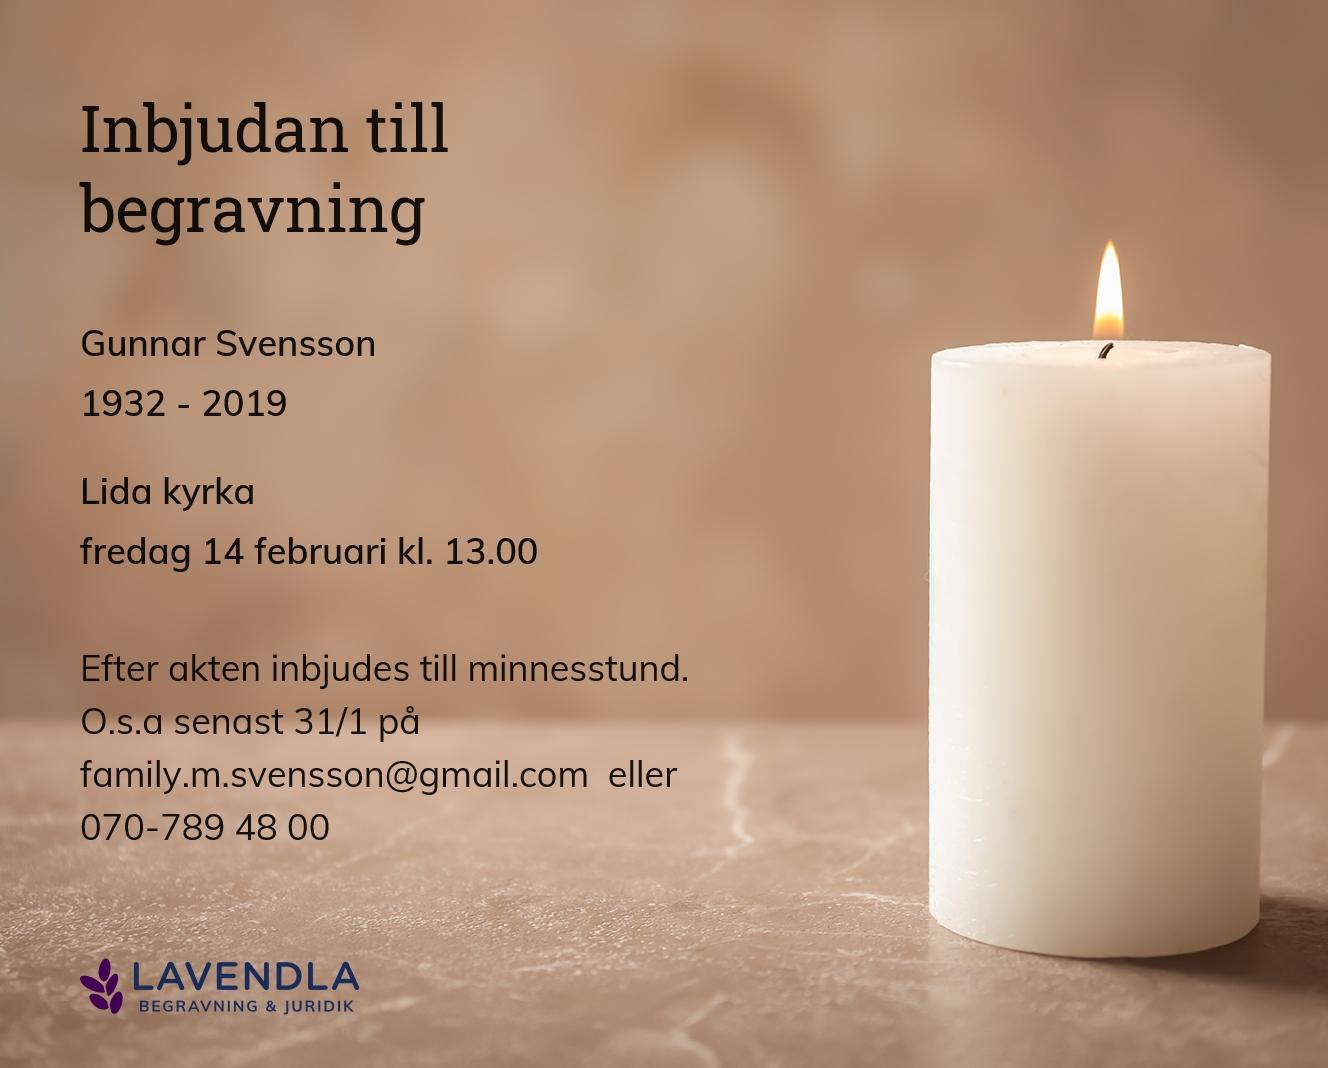 Inbjudningskort till ceremonin för Gunnar Svensson